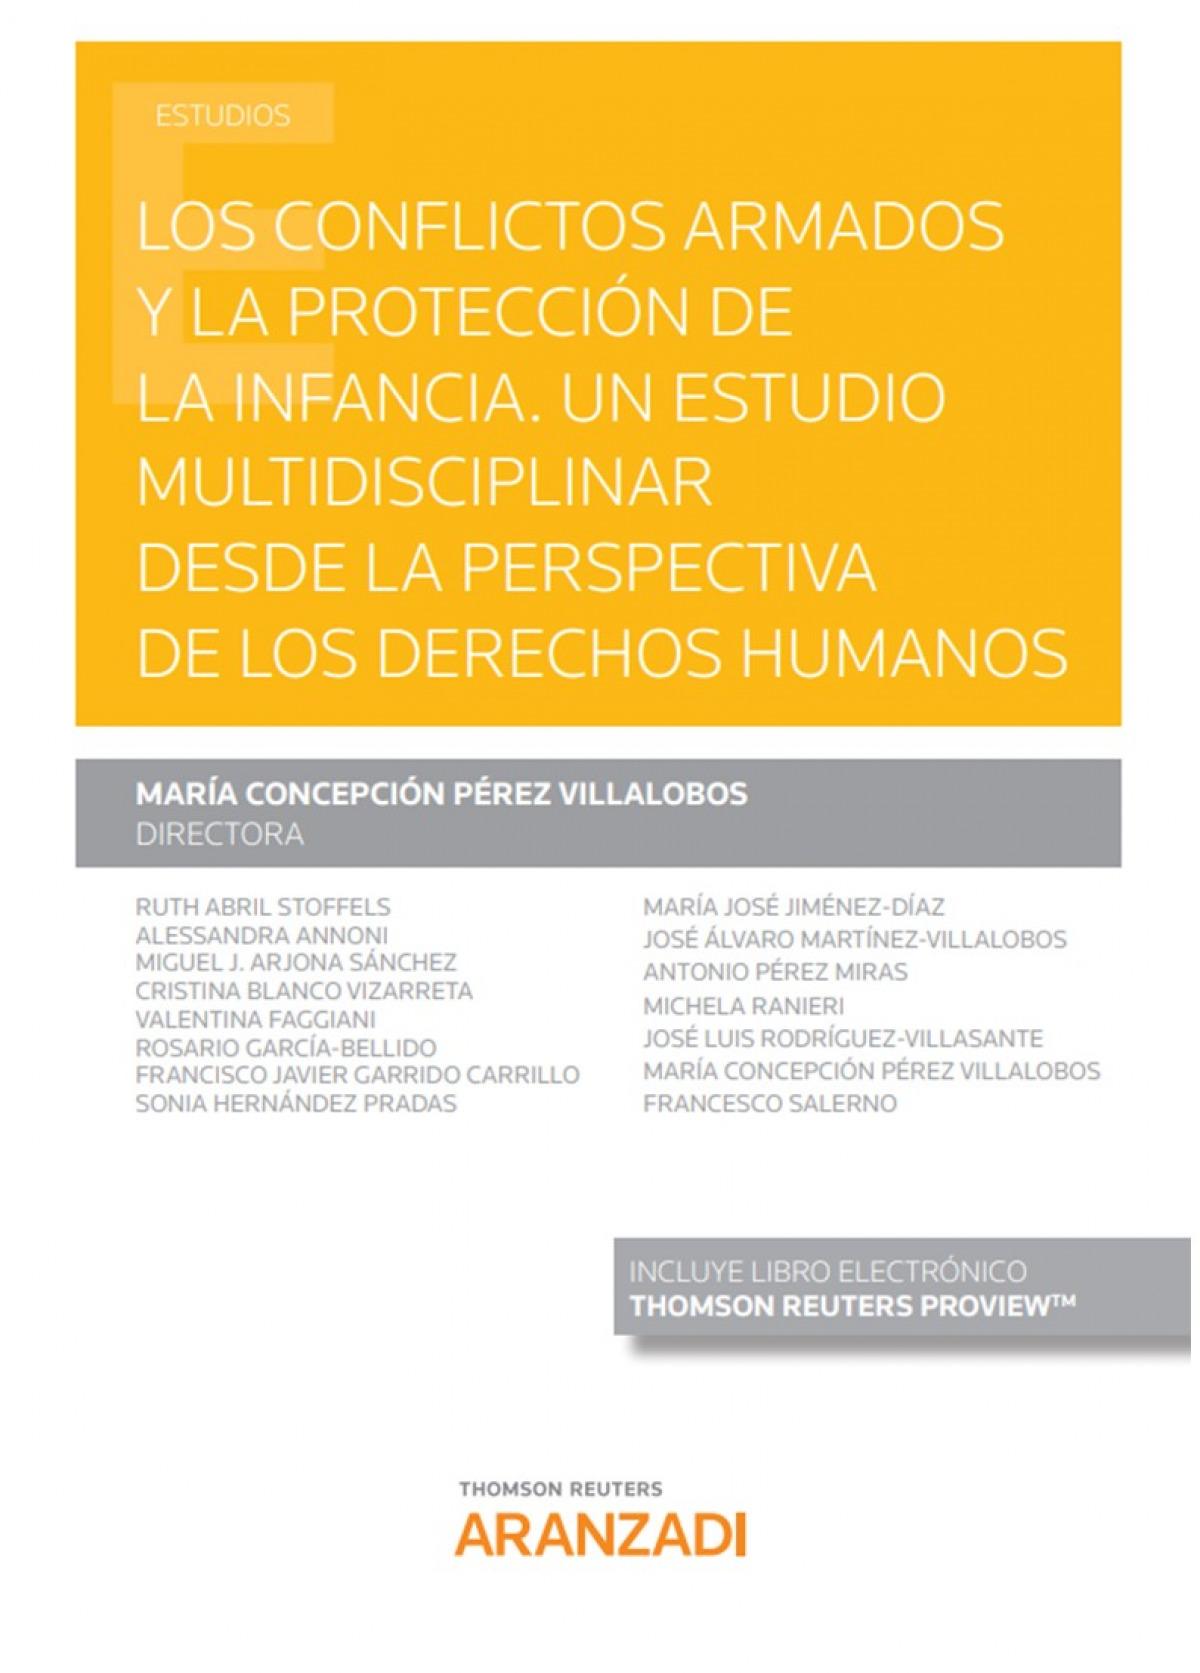 Conflictos armados y la protección de la infancia, Los. 9788413453538